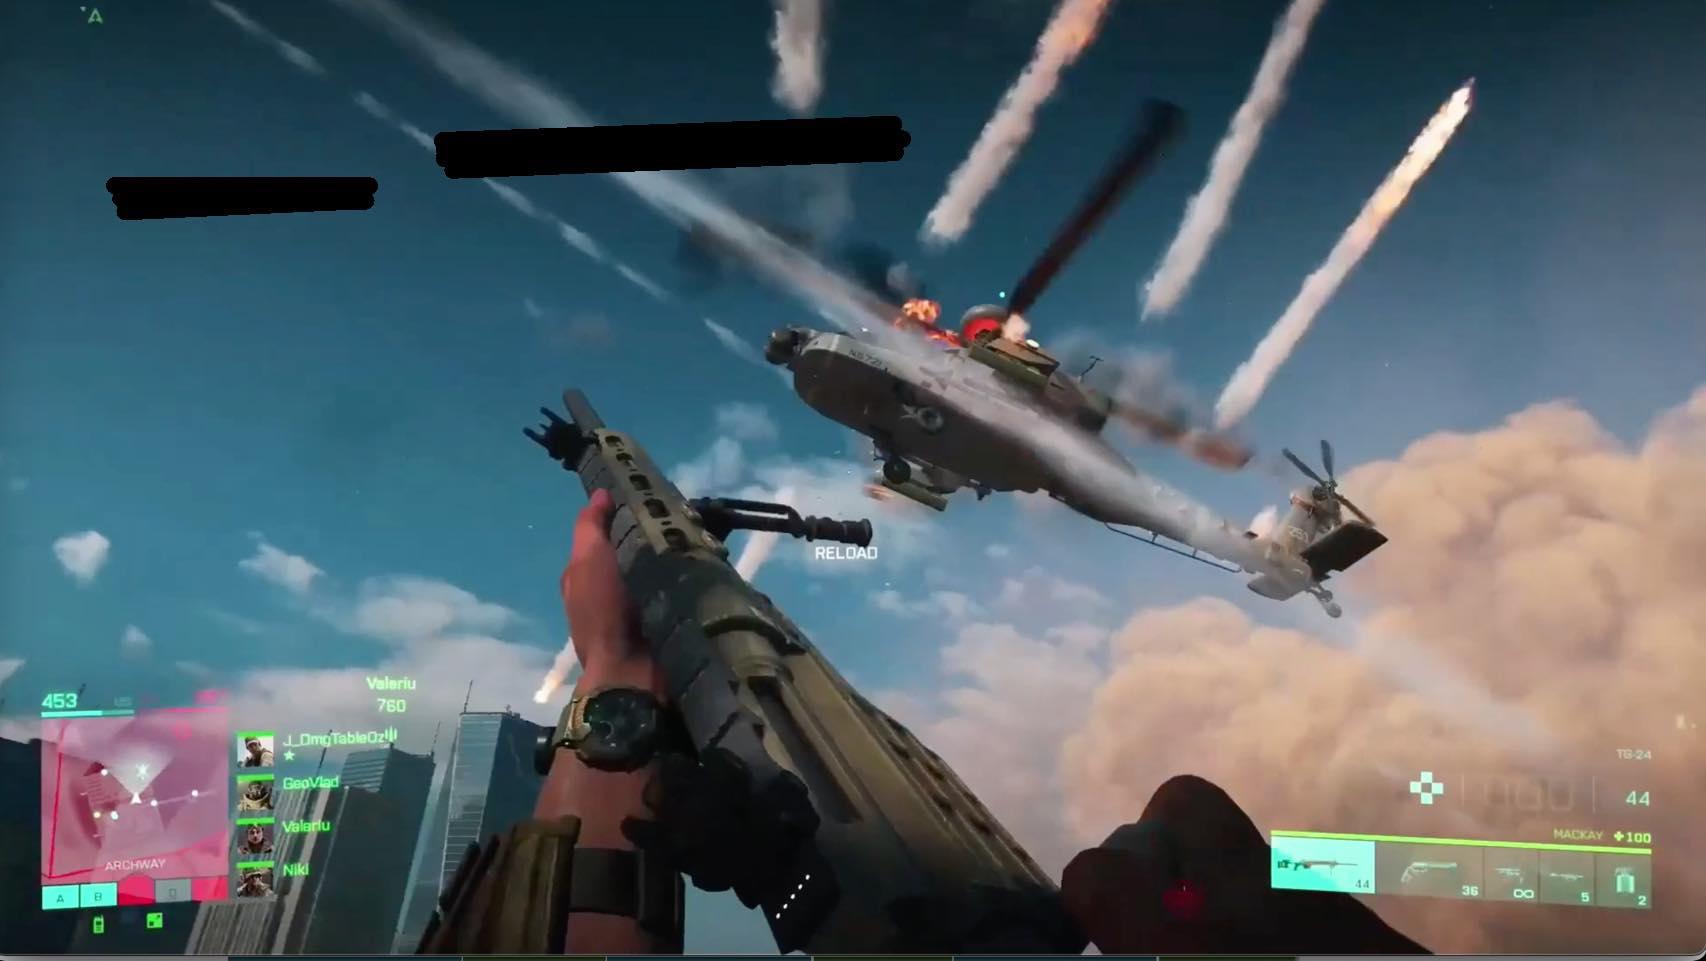 Fler Battlefield 6-bilder har läckt Påstås vara från tidigt bygge